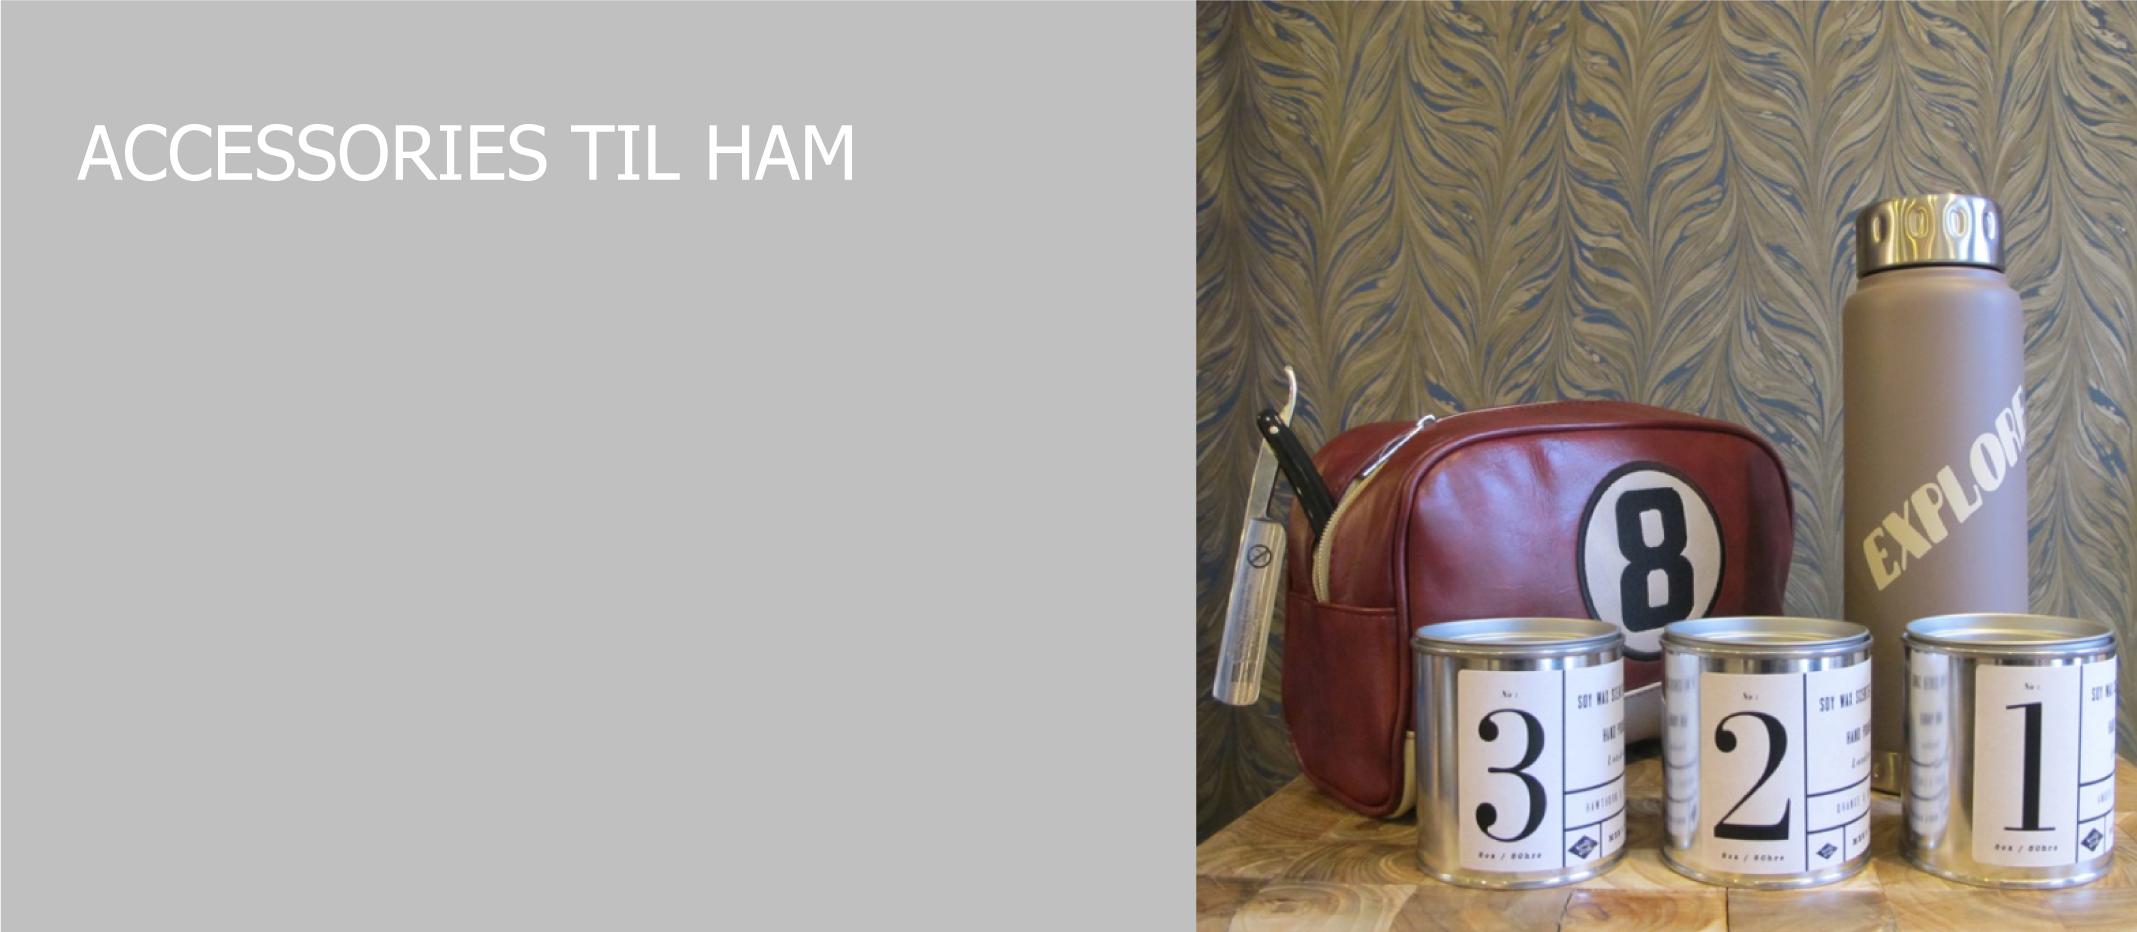 Accessories_til_ham